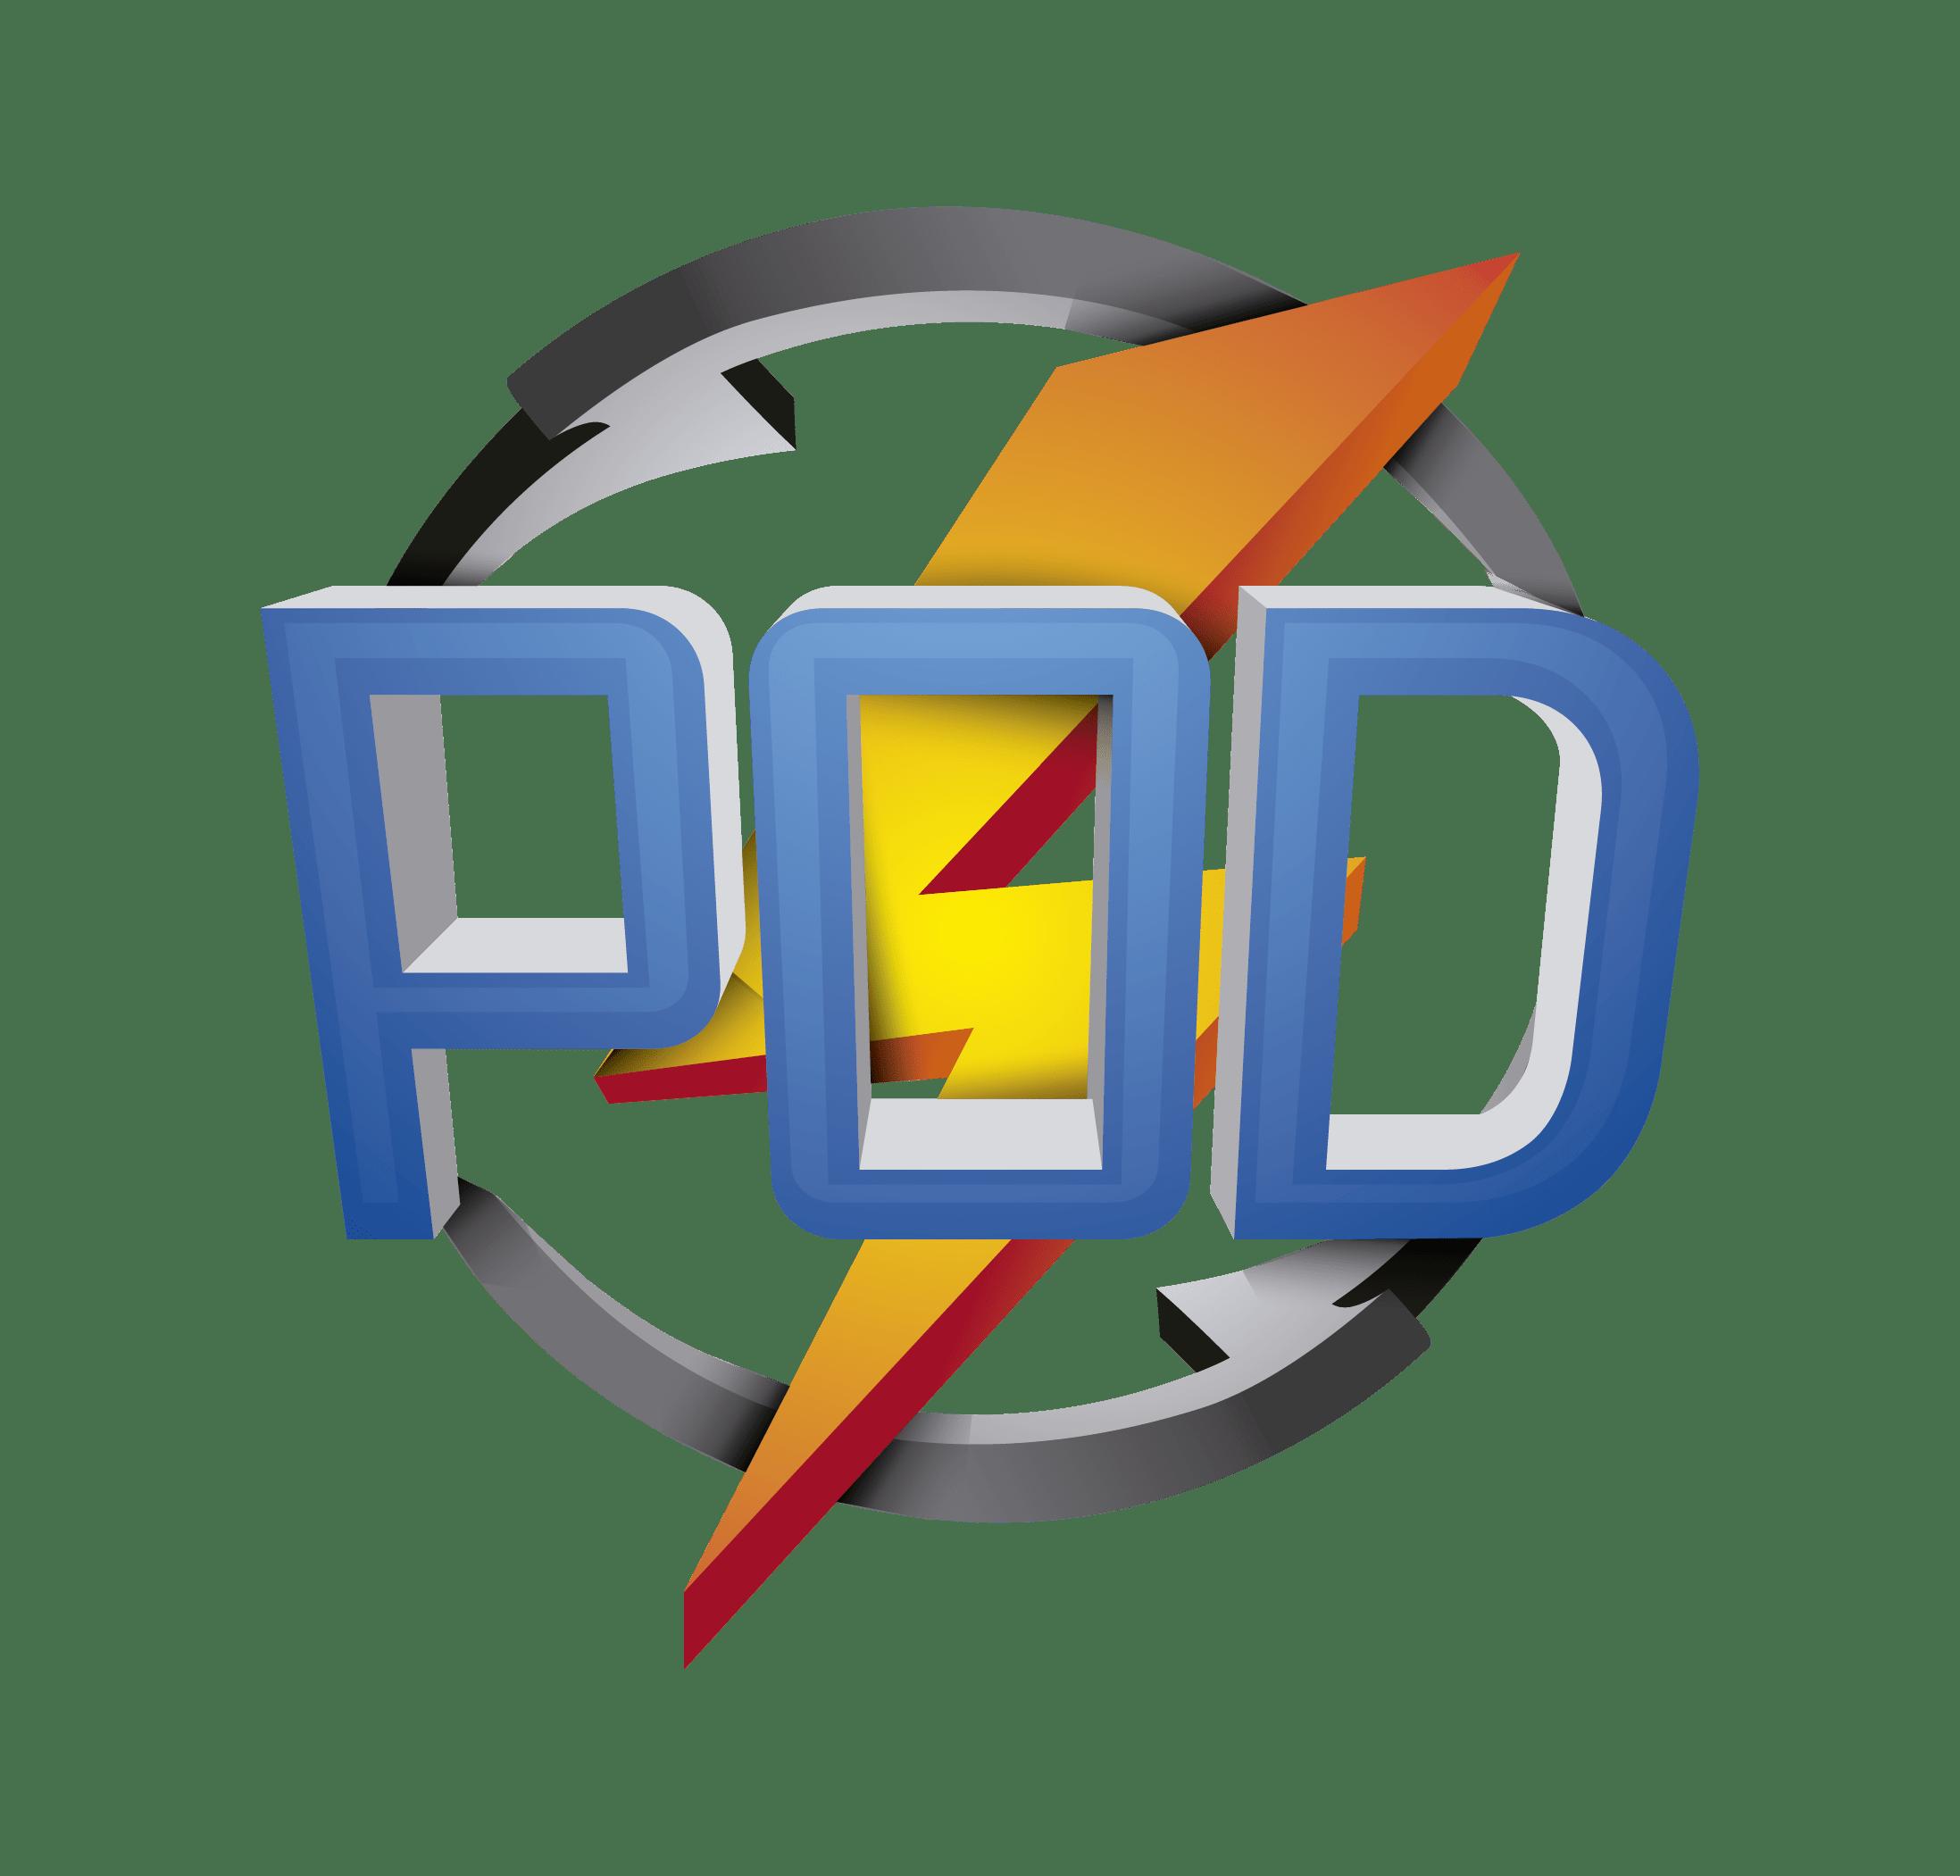 Pod (Programa de optimizacion y desempeño)